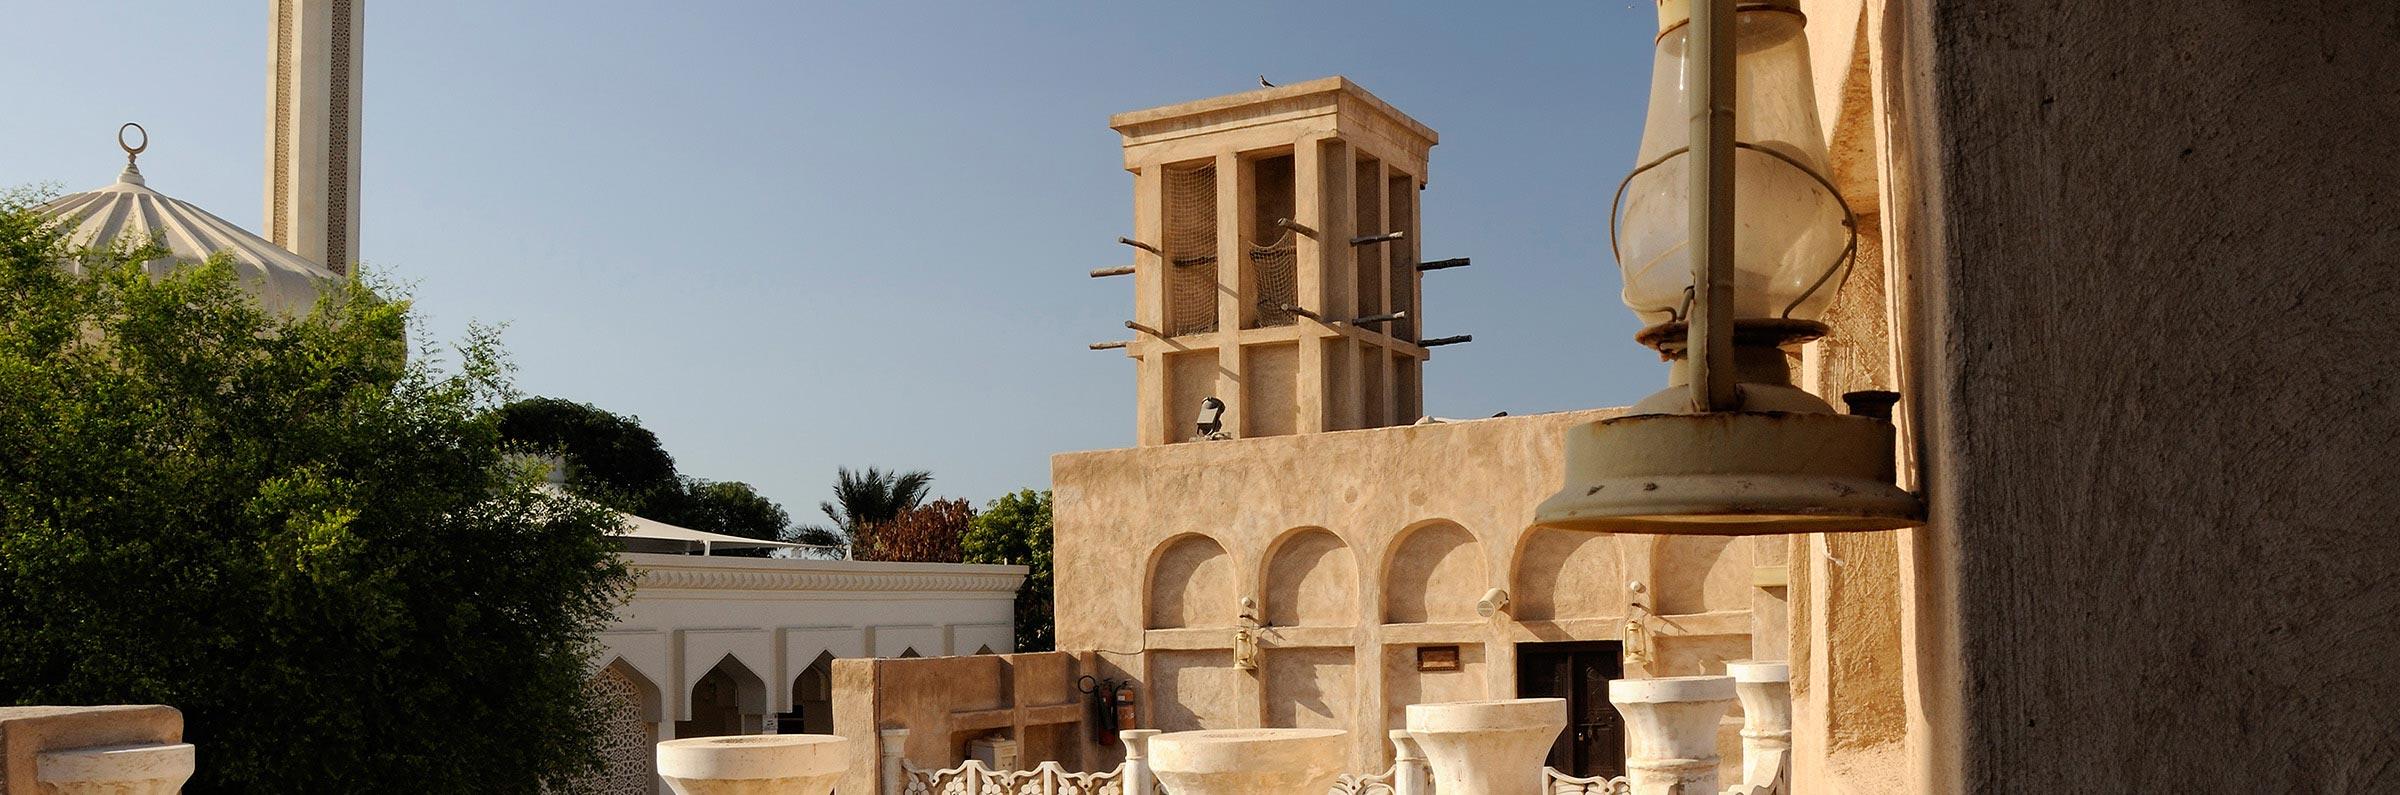 Arte y cultura in Dubi